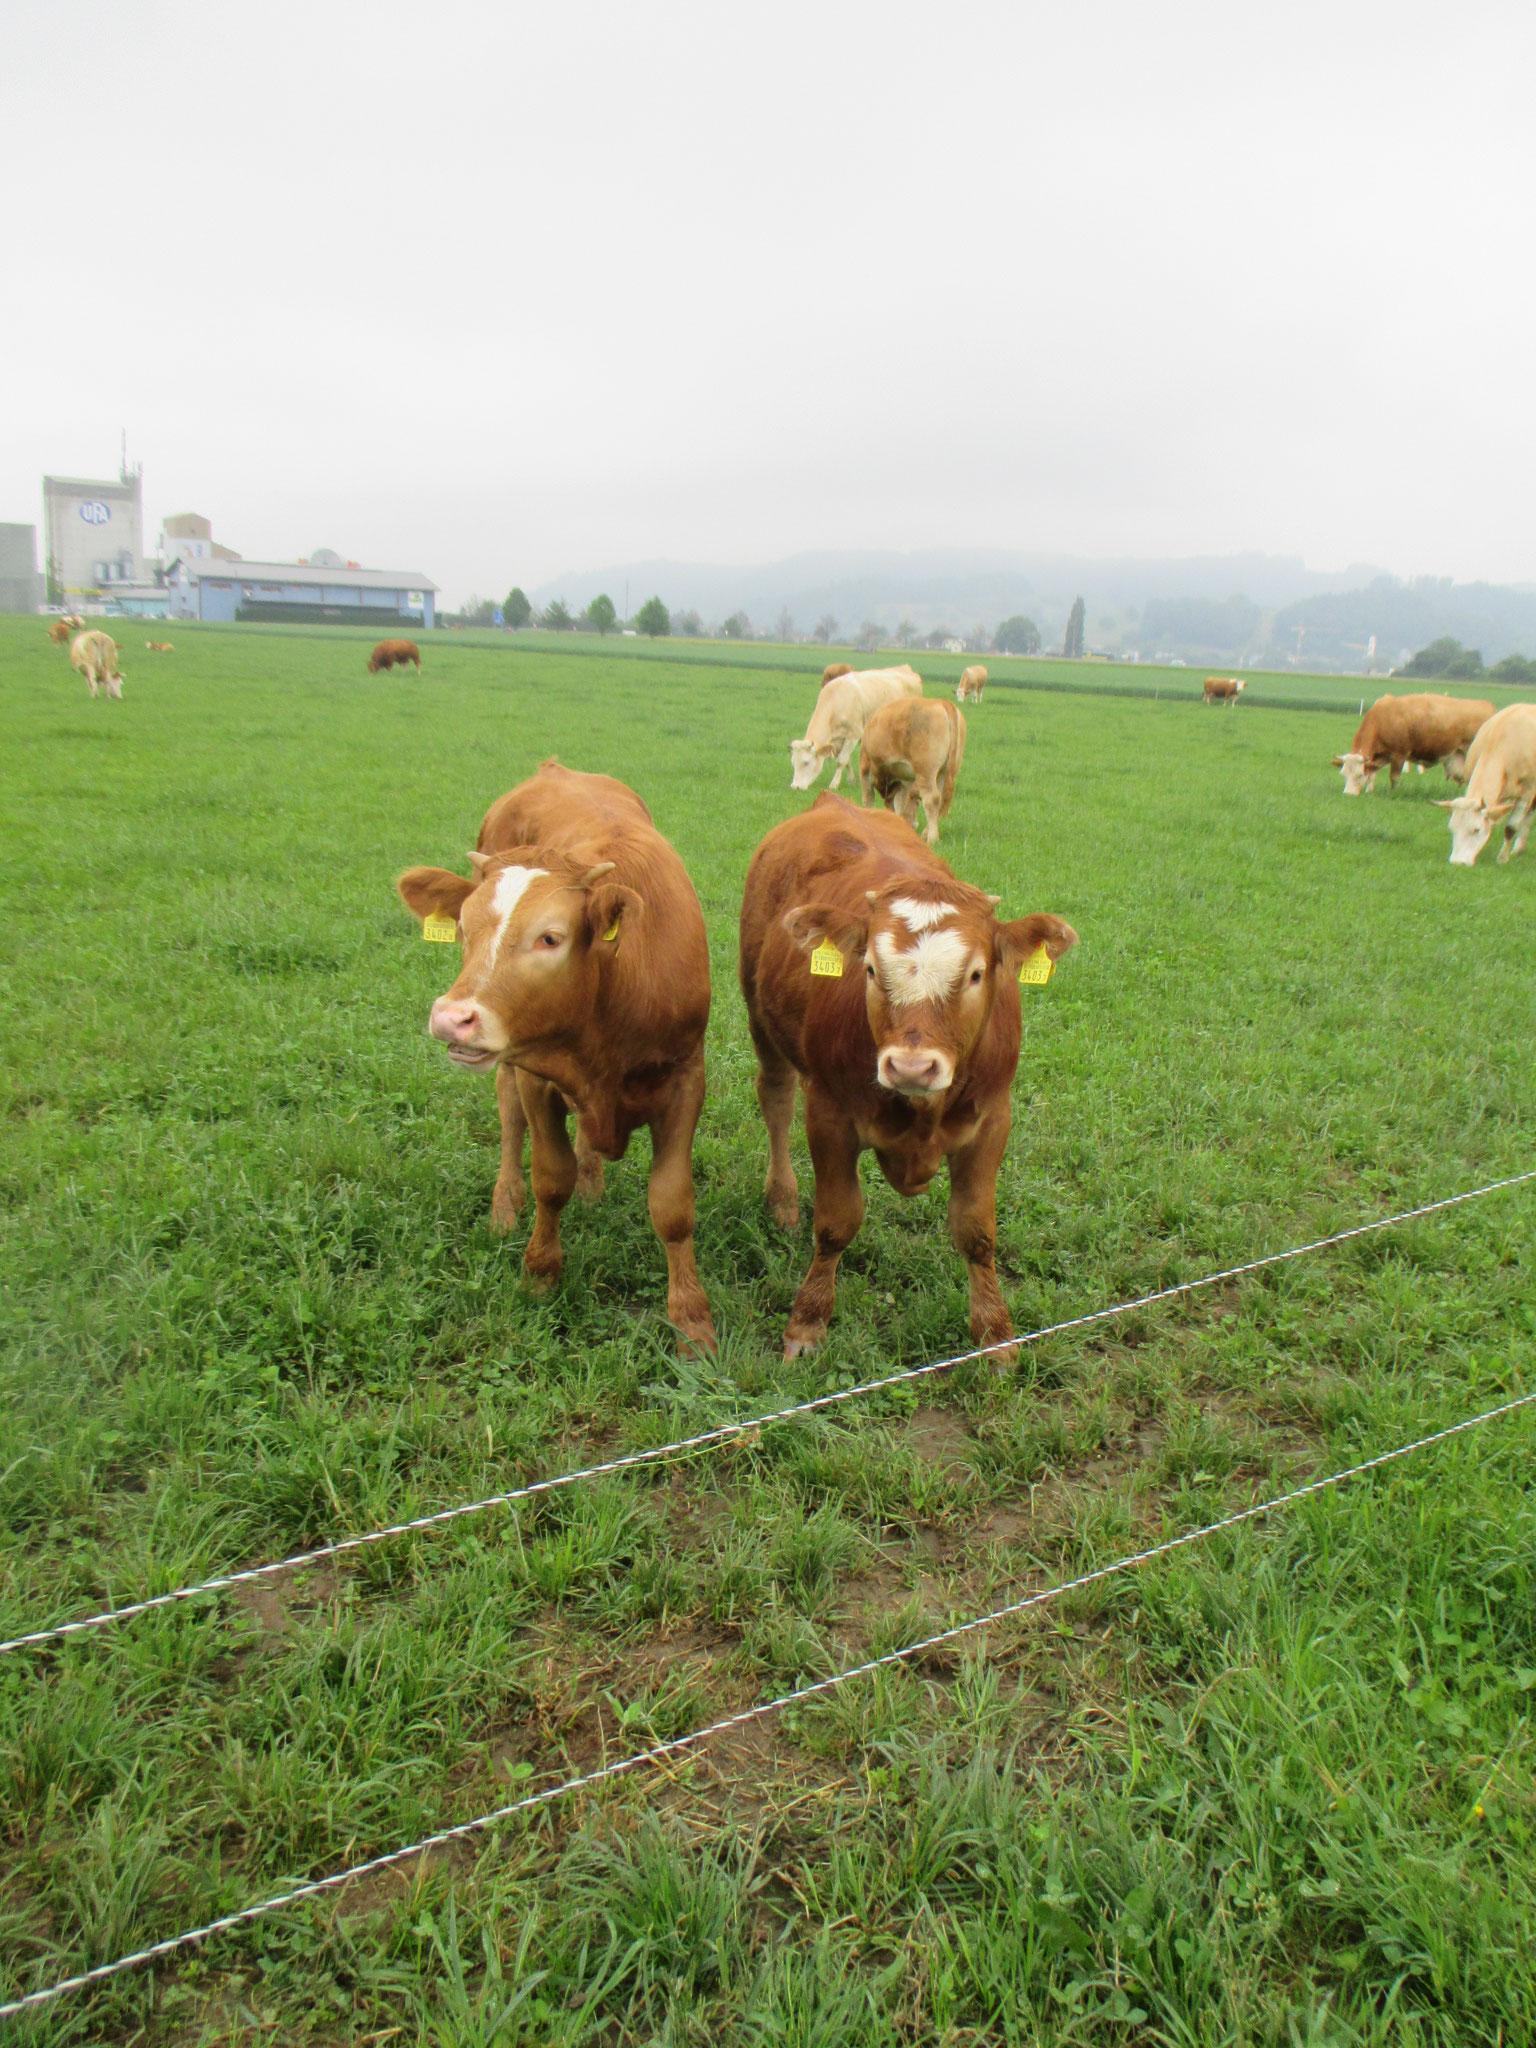 Kühe, Hühner, Säuli - wir waren am Bauernhof